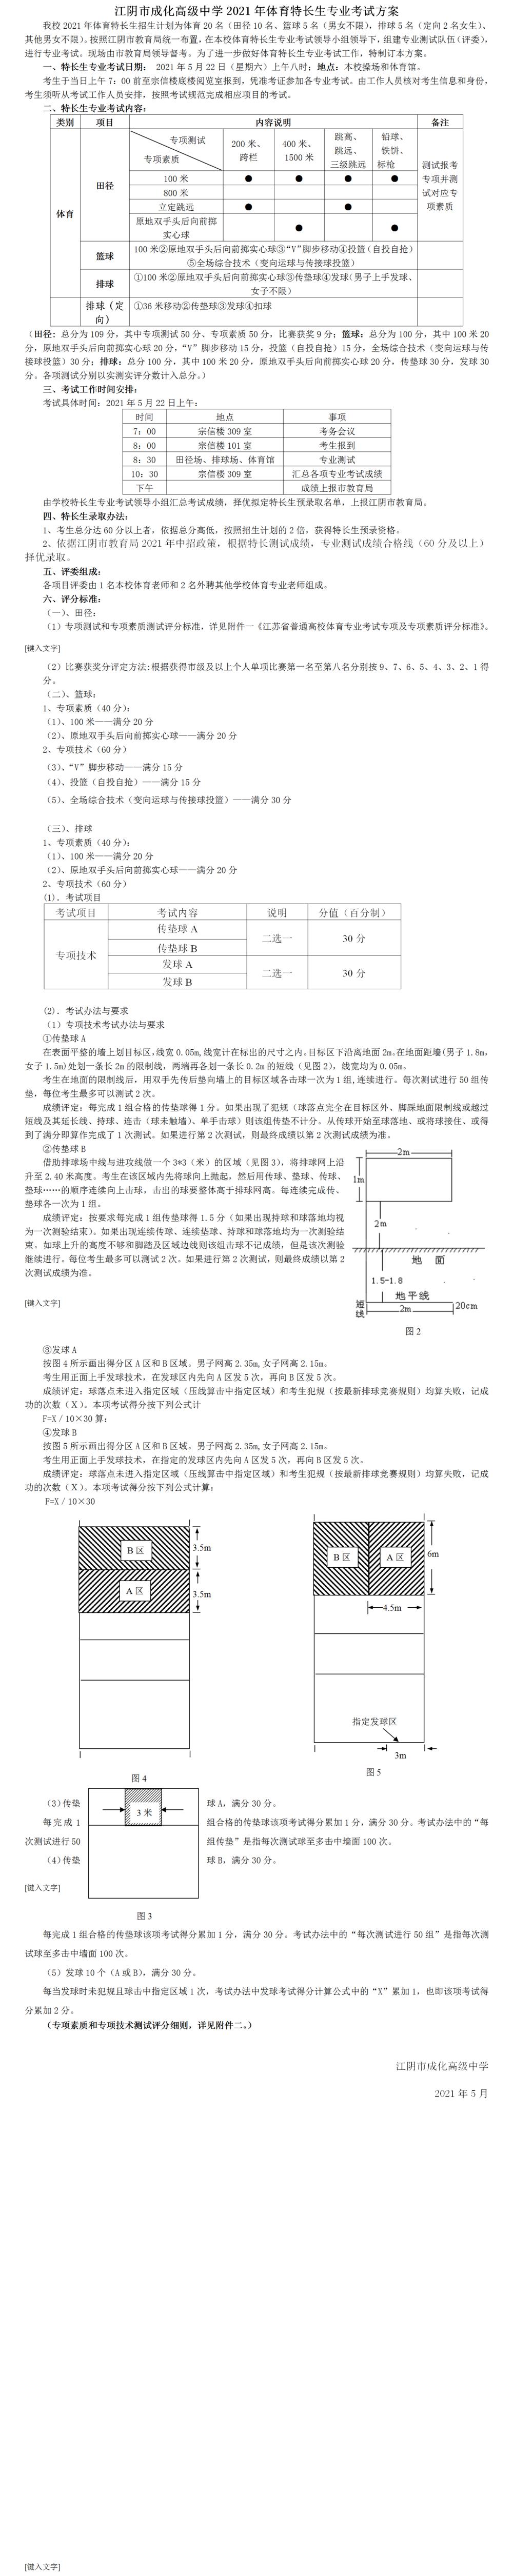 2021年日本三级|香港三级|三级片网站|韩国三级体育特长生专业考试方案.png